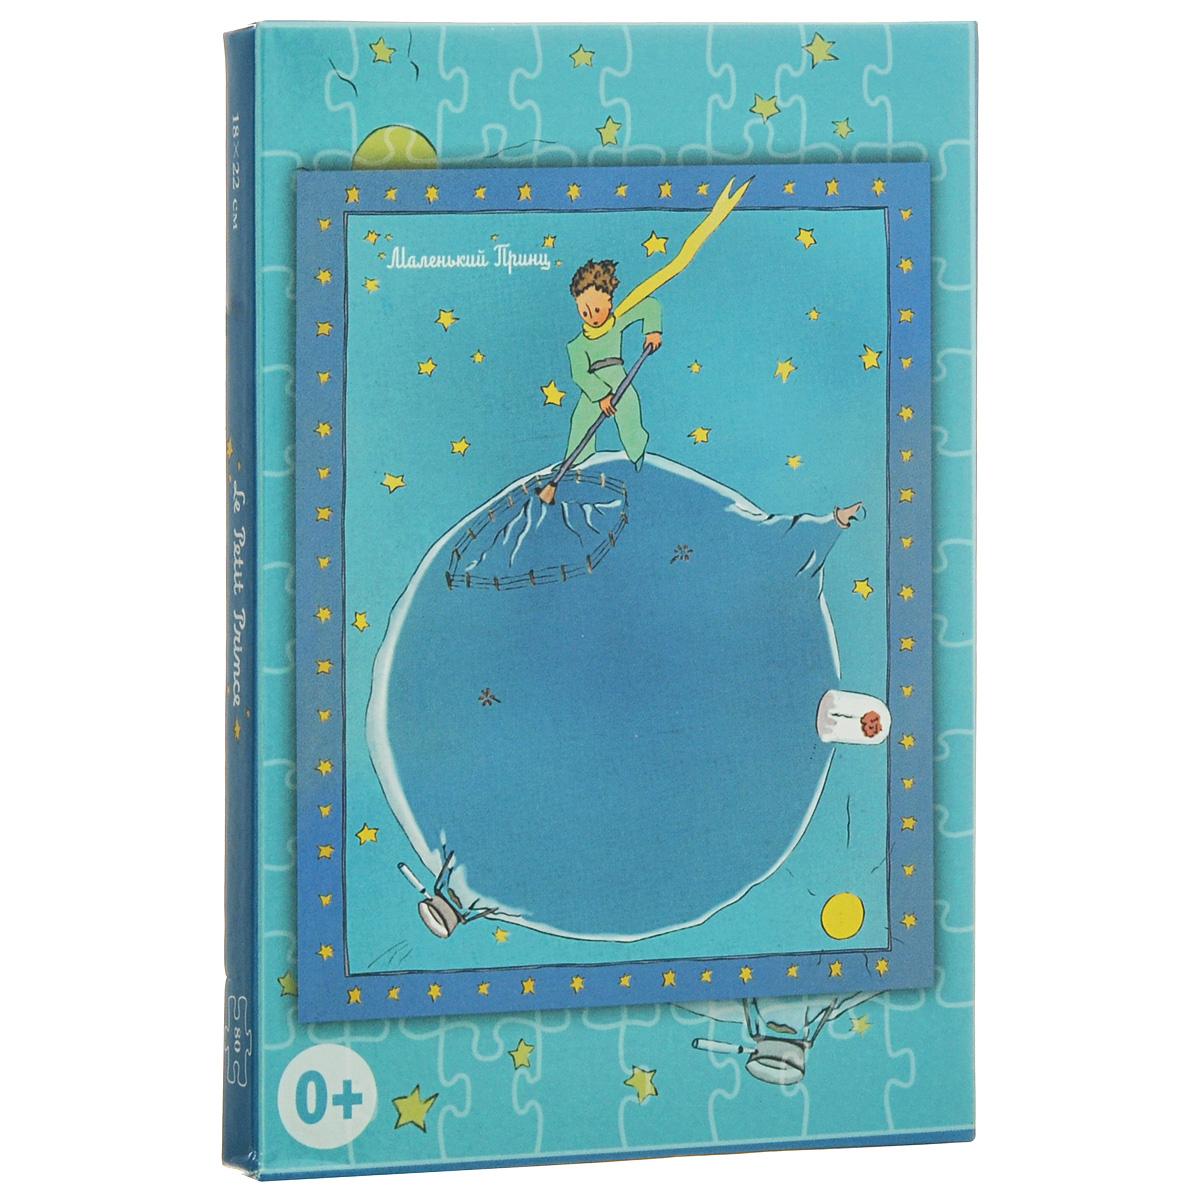 Планета Маленького Принца. Пазл, 80 элементов издательский дом мещерякова летящие сказки в п крапивин